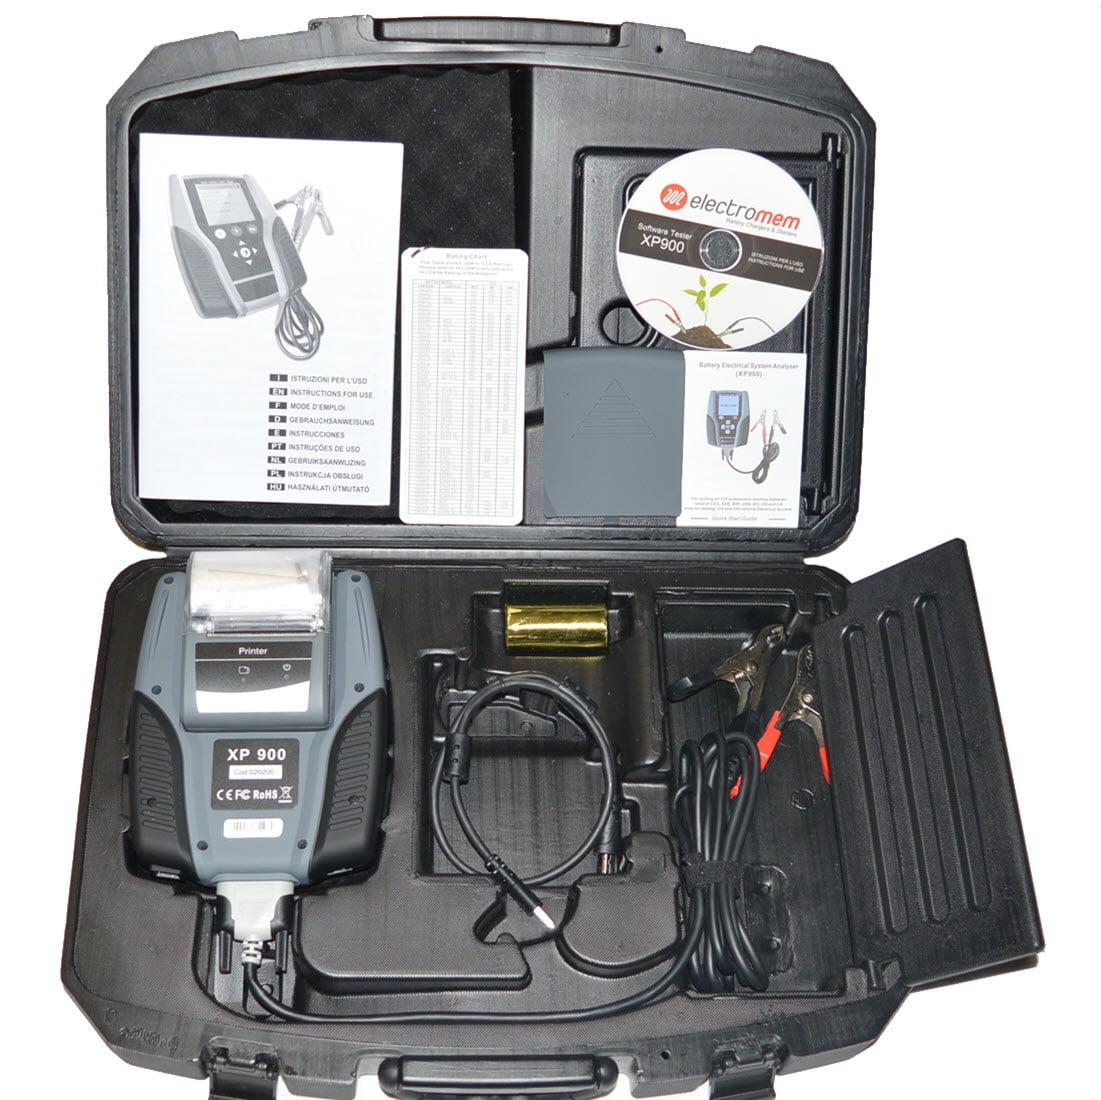 Electromem battery tester